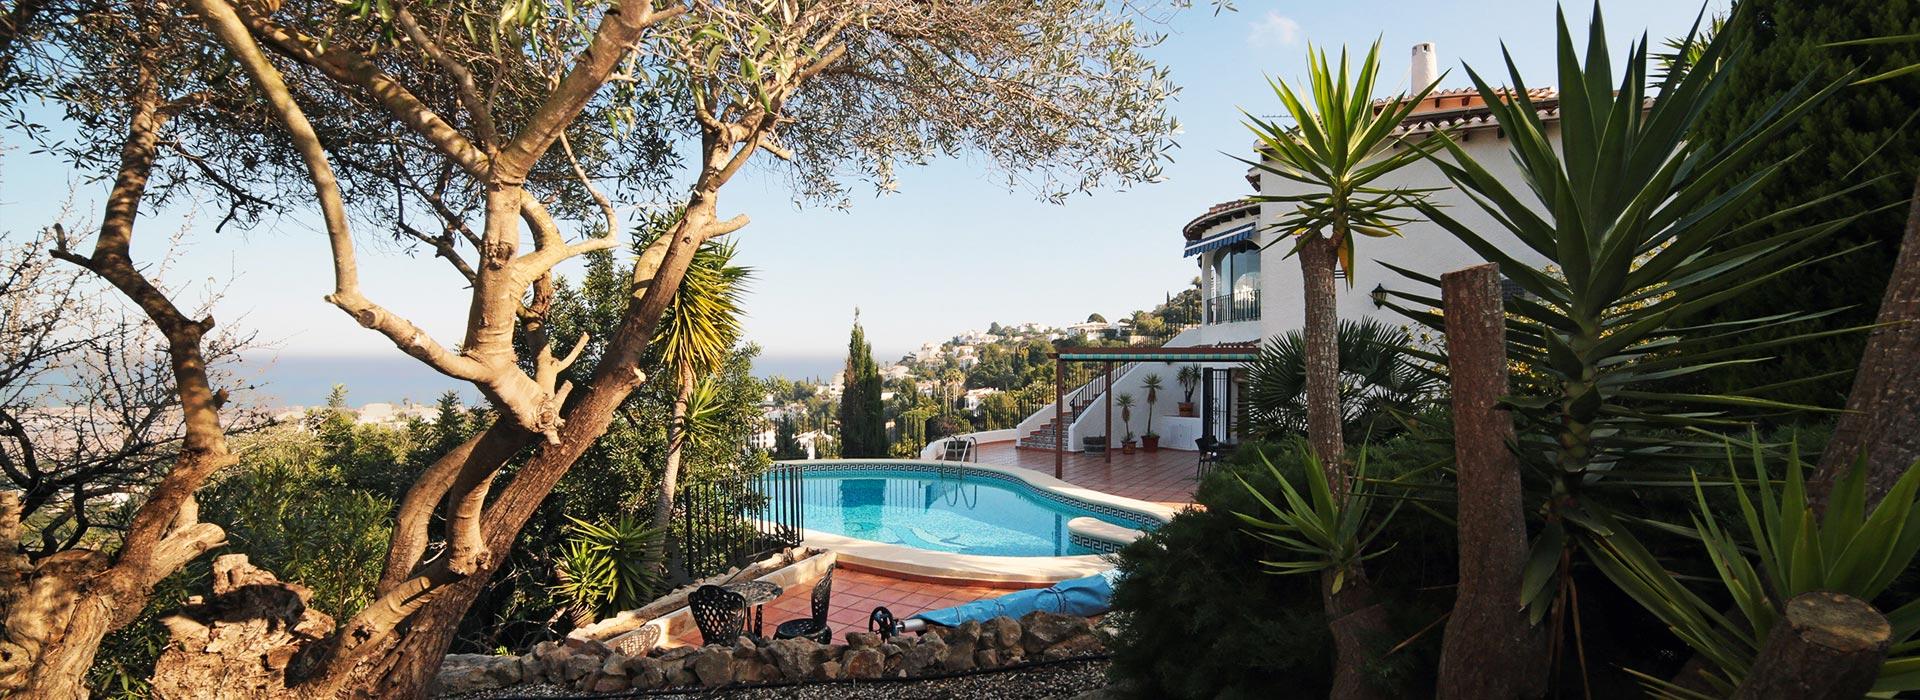 acb.immo - Belle villa de 4 chambres avec fantastique vue mer à Monte Pego, Dénia